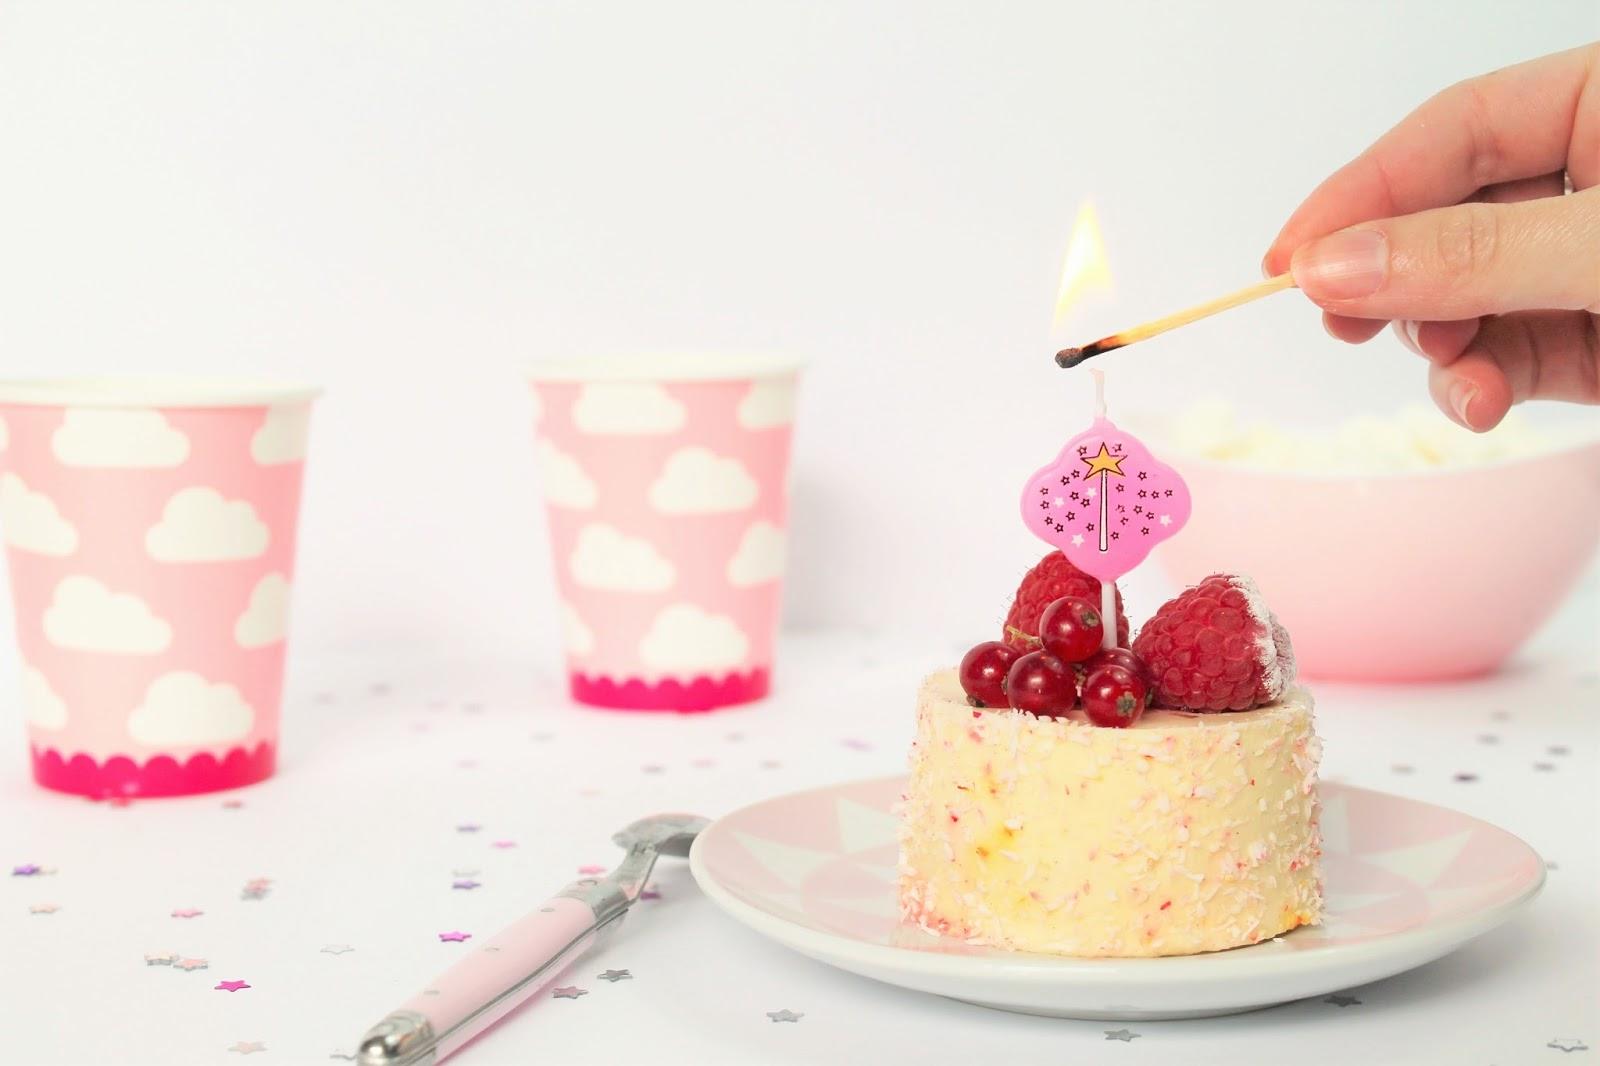 blog anniversaire 1 an blogging blogger newpost birthday party gâteau décoration déco home content happy joyeux concours giveaway récompense merci thank you